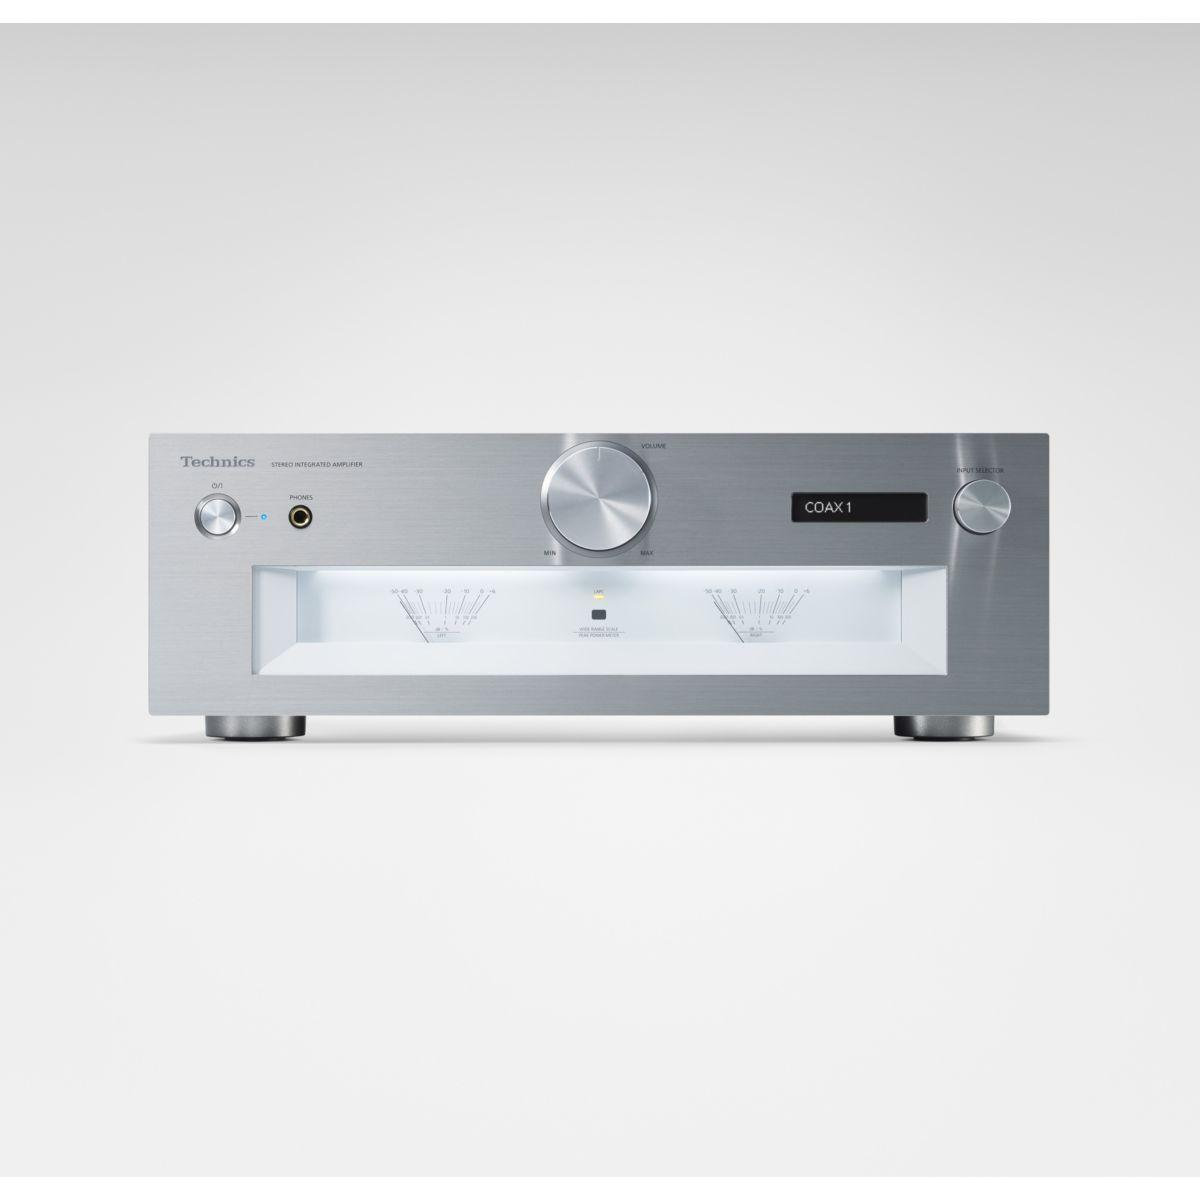 Amplificateur hifi technics sug700es - 20% de remise imm�diate avec le code : automne20 (photo)